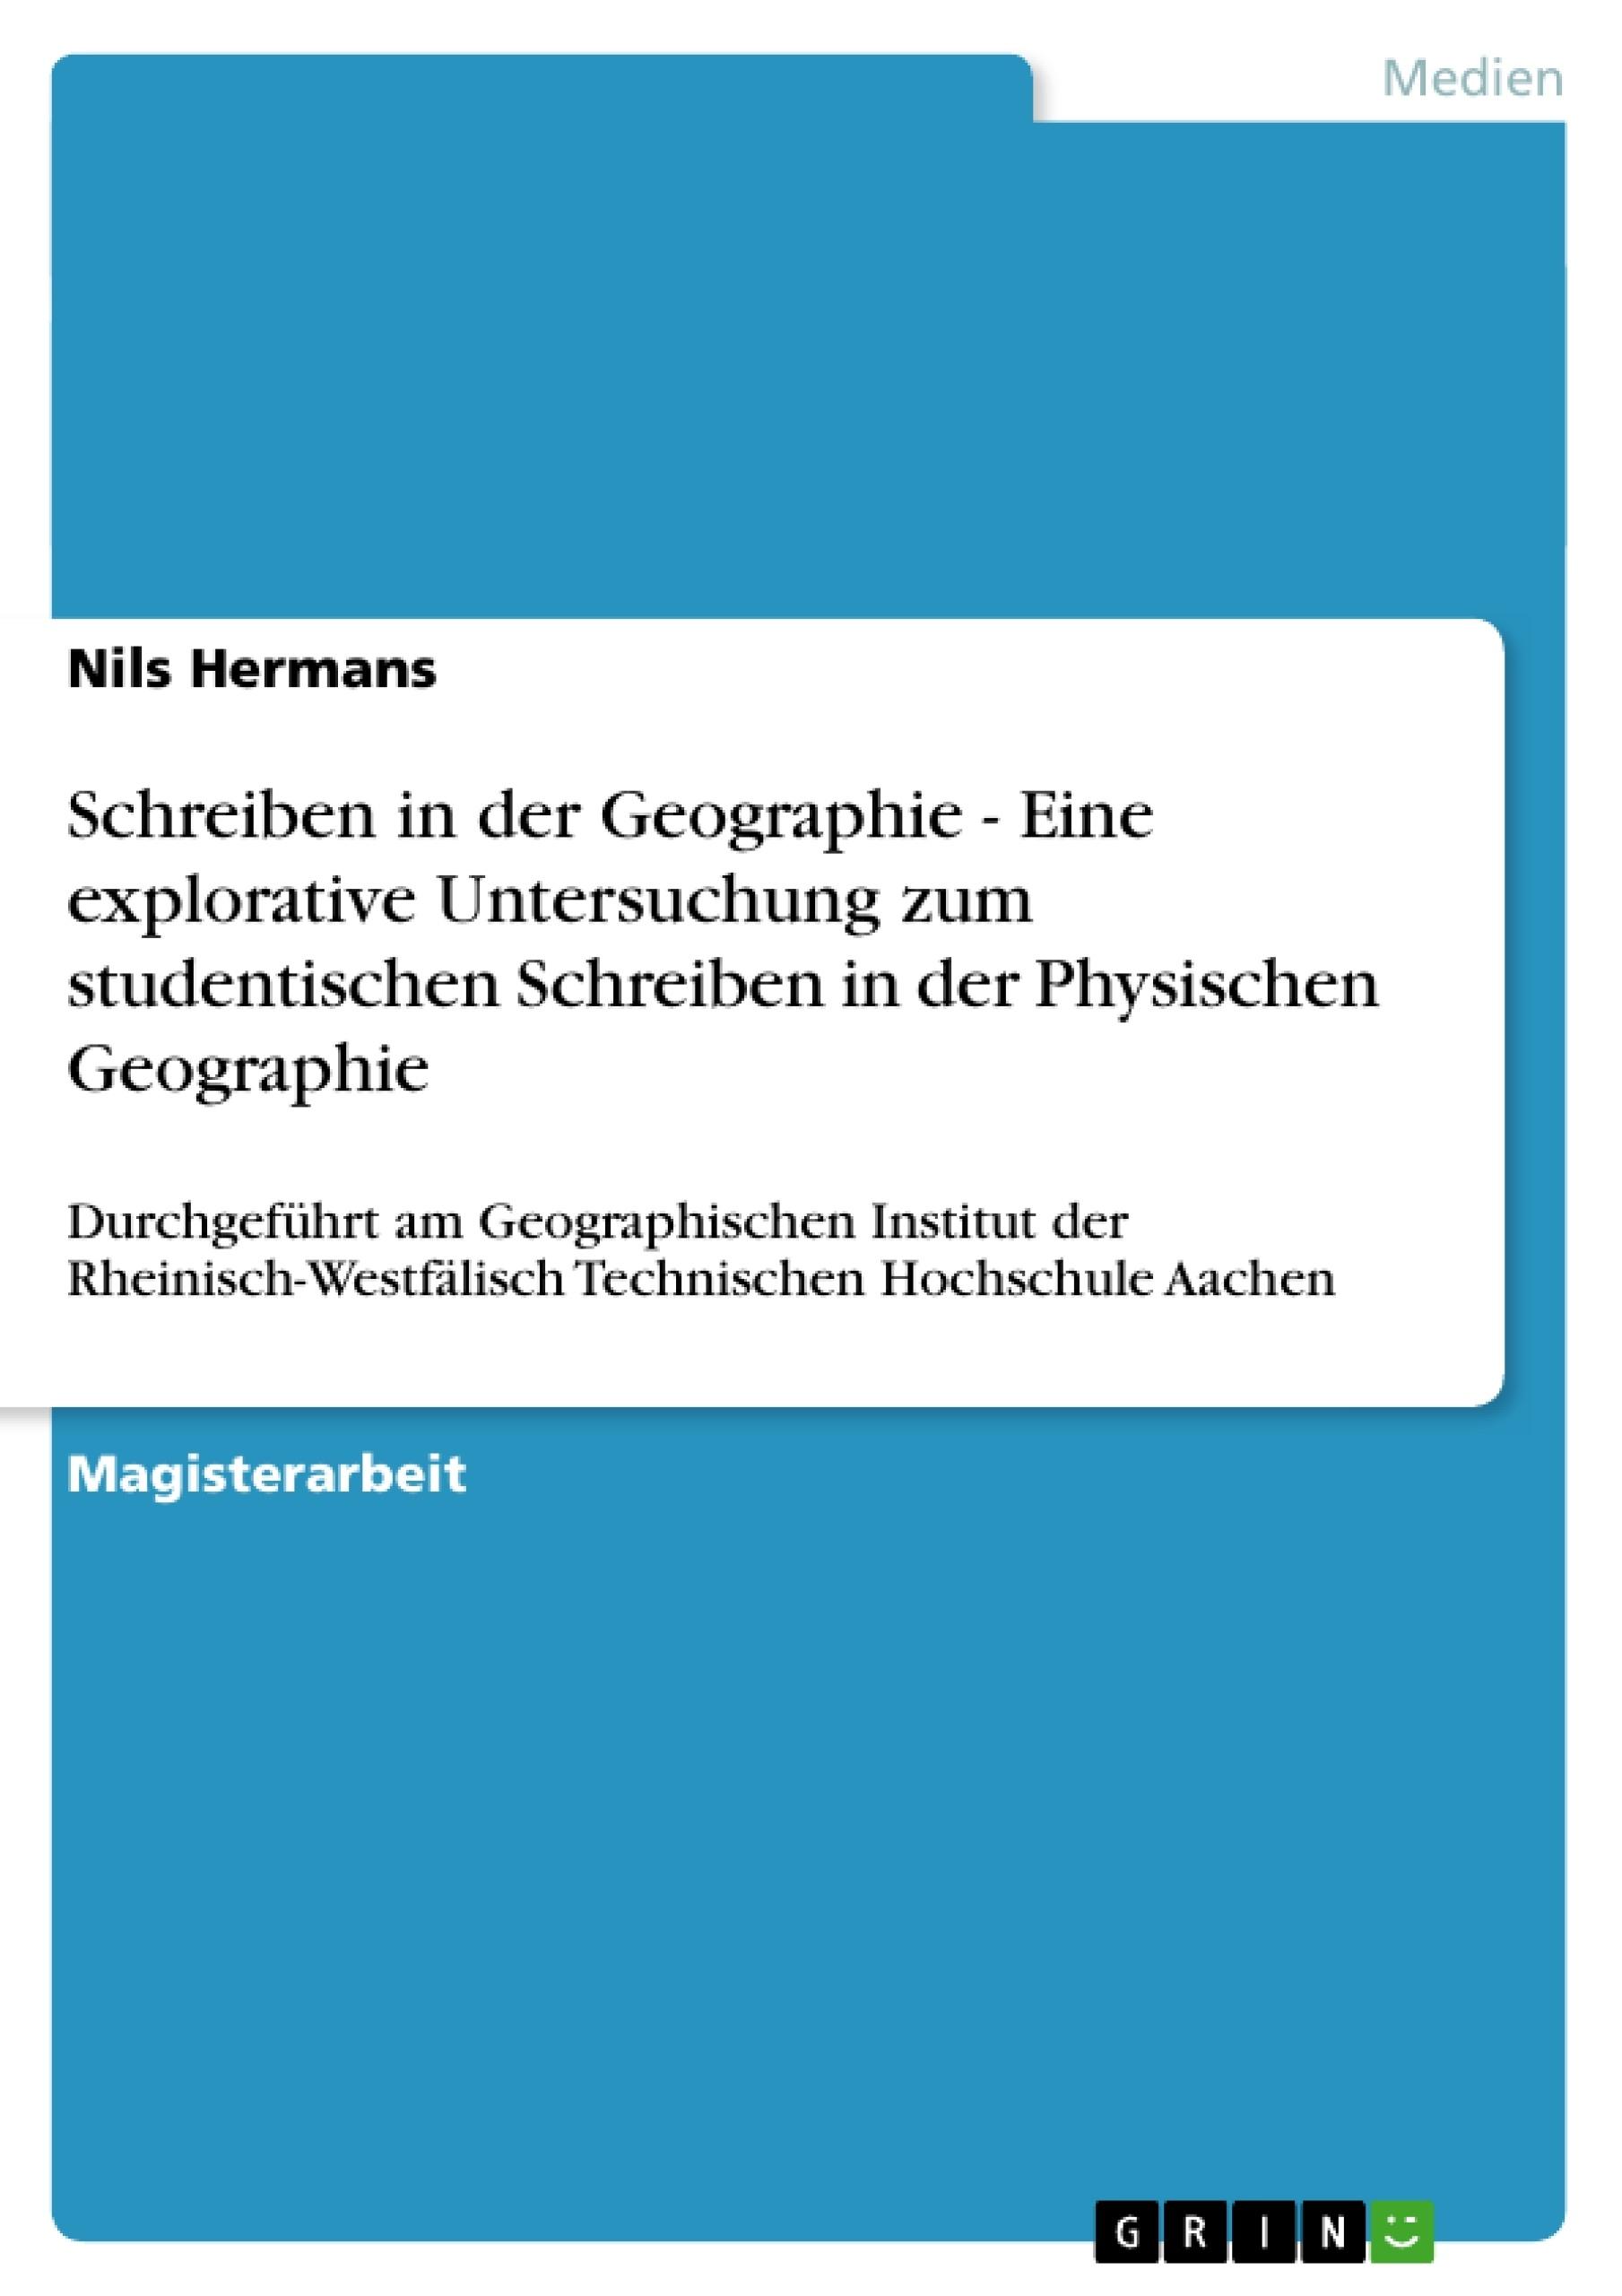 Titel: Schreiben in der Geographie - Eine explorative Untersuchung zum studentischen Schreiben in der Physischen Geographie